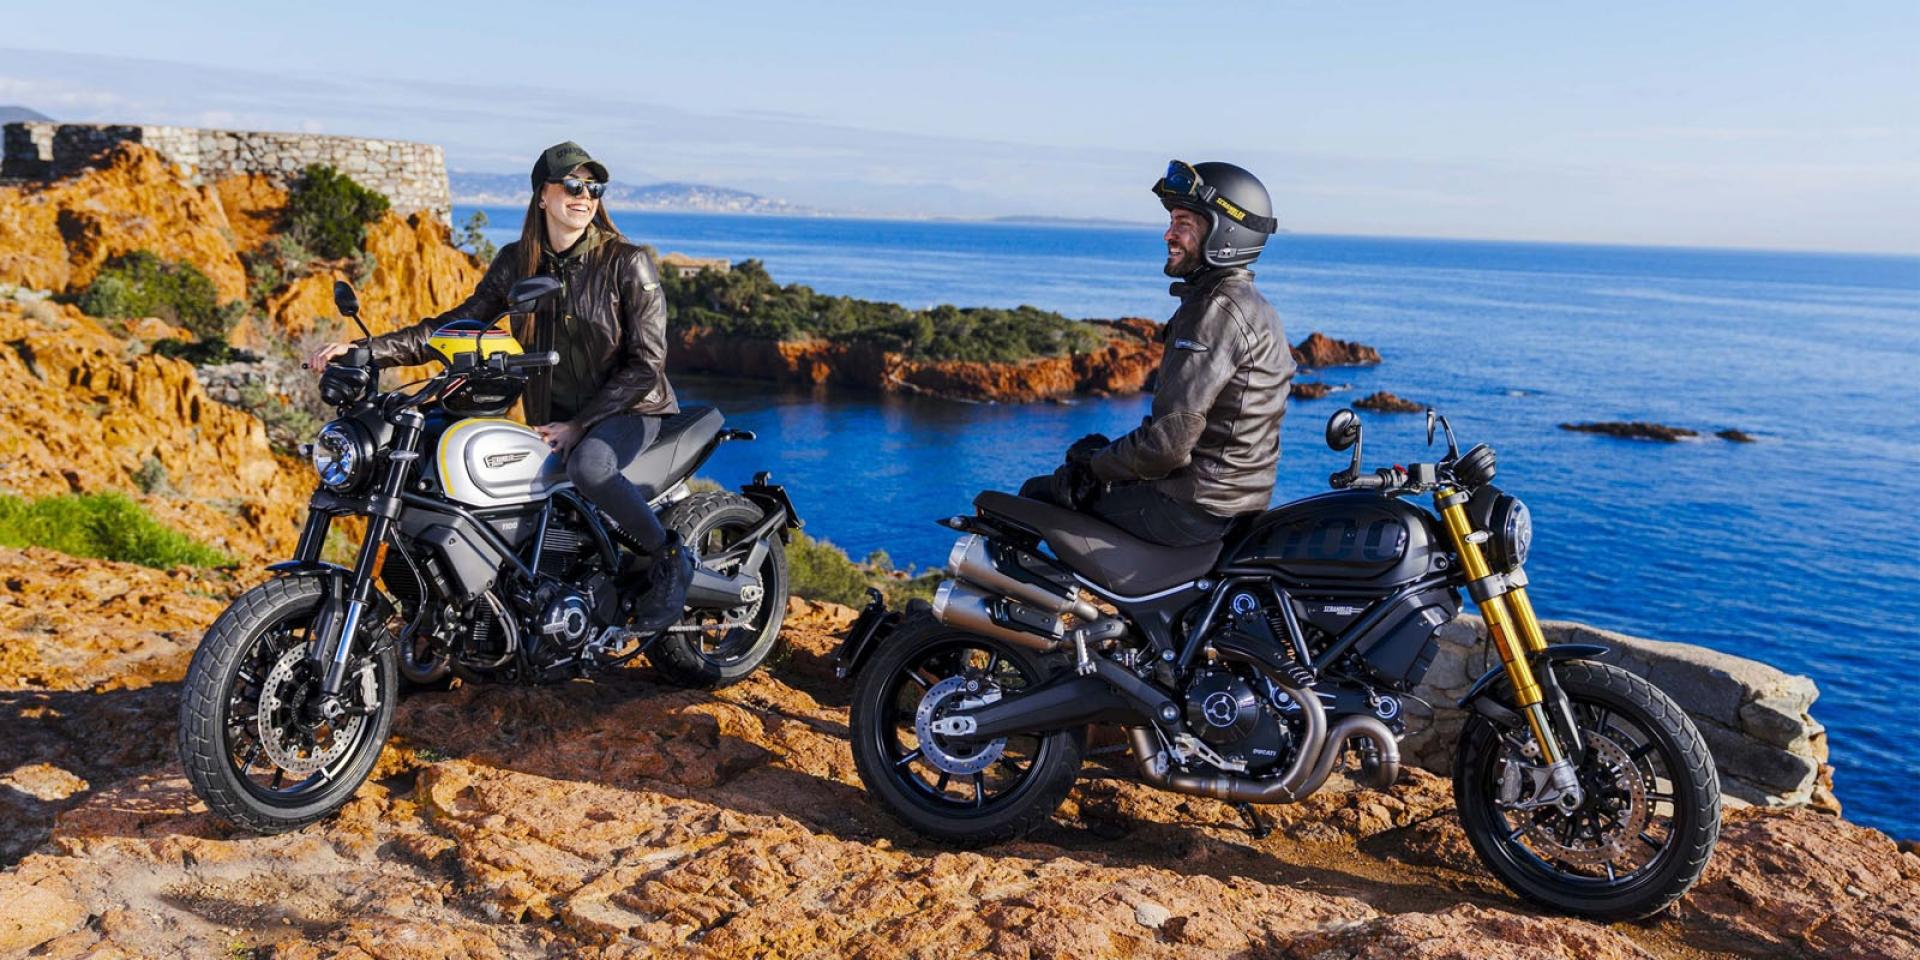 2020 Ducati Scrambler 1100 Pro 及 Scrambler 1100 Sport Pro問世! 更多電控帶給騎士更多保障!